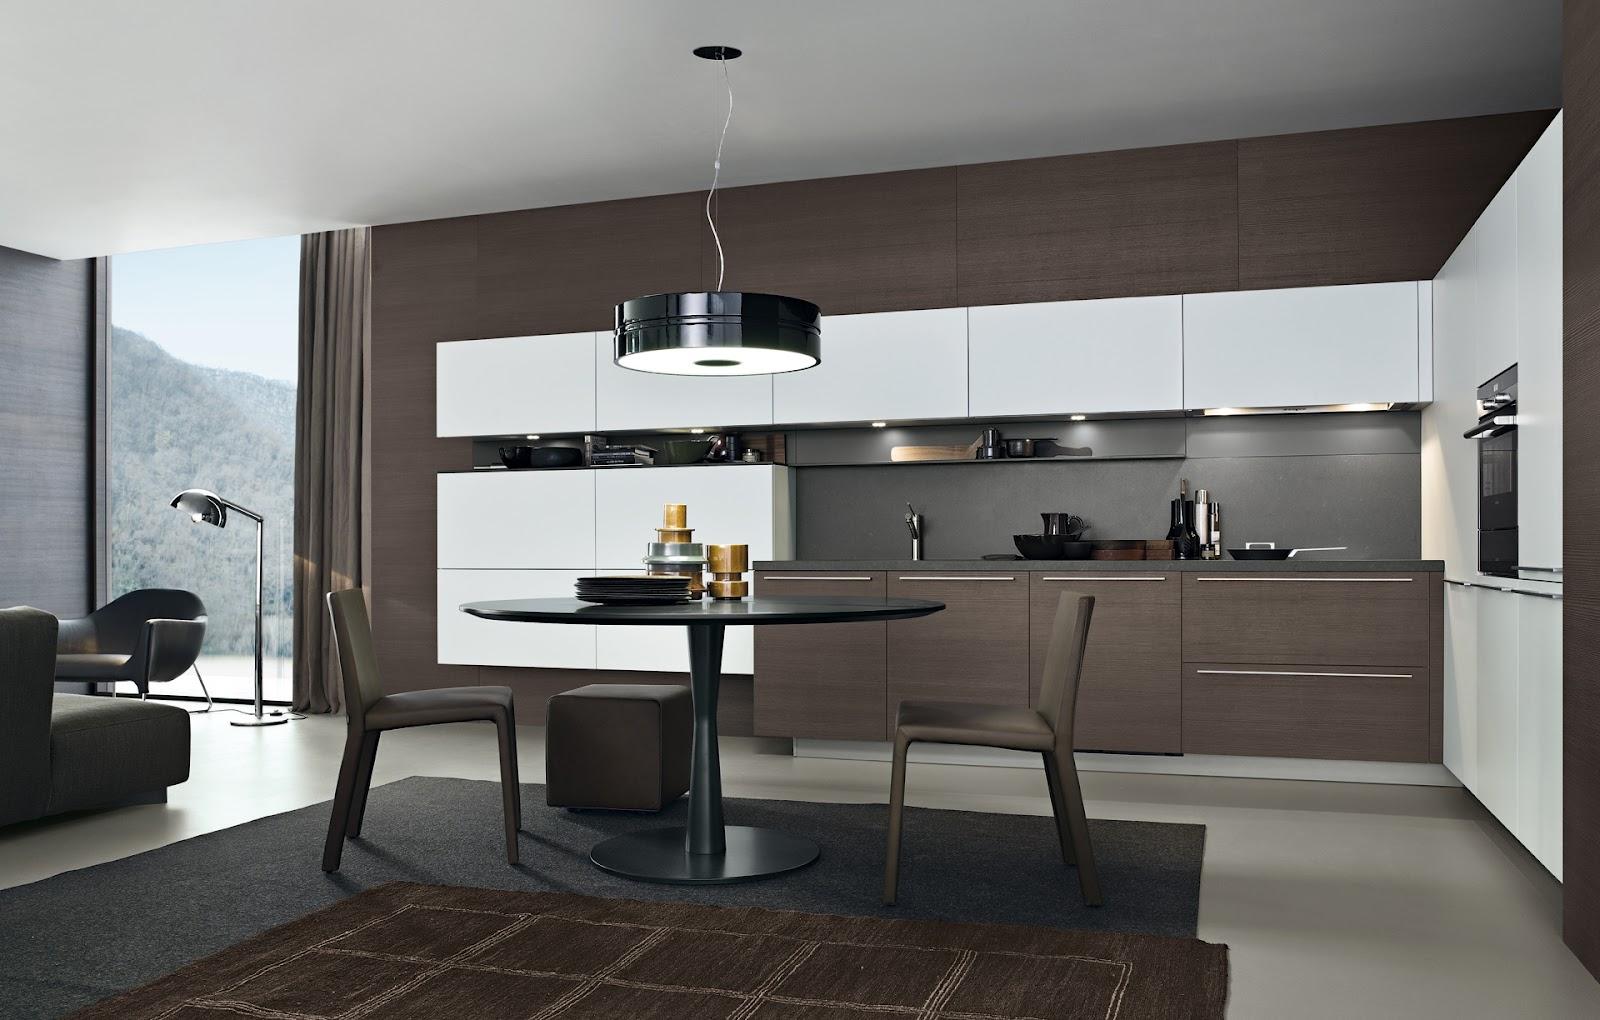 Lo claro y lo oscuro en la cocina cocinas con estilo for Habitat decoracion